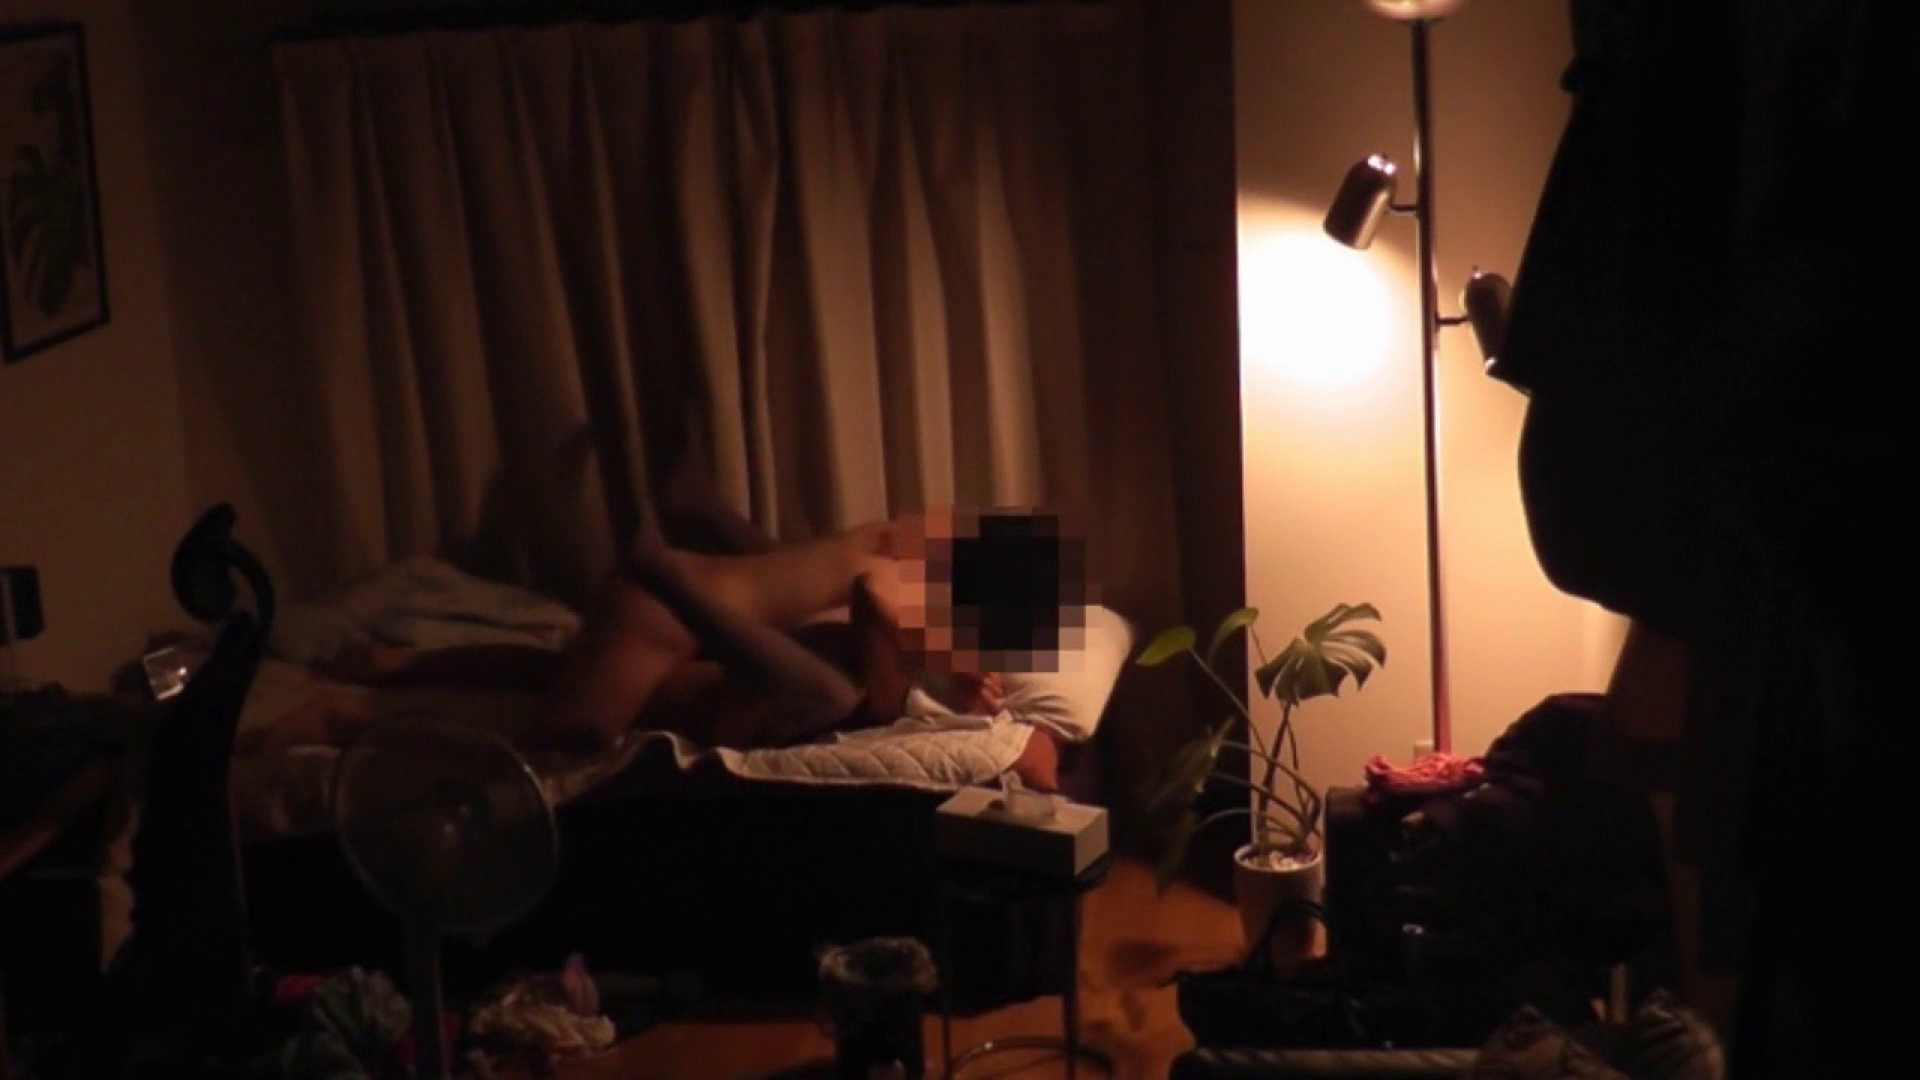 美女だらけのプライベートSEXvol.1 OLの裸事情 オマンコ無修正動画無料 107枚 97